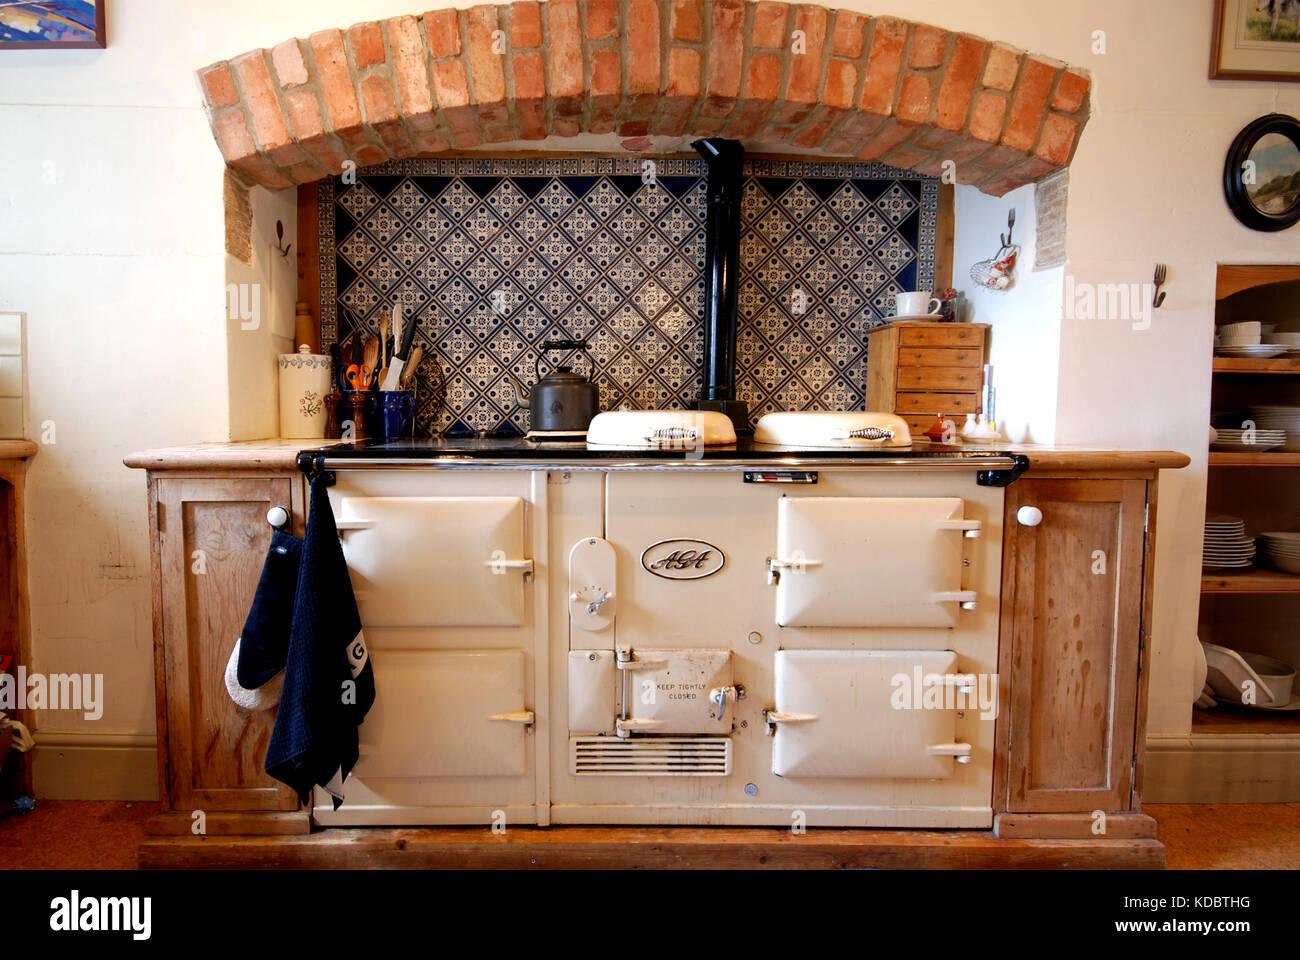 Aga Kitchen Stock Photos & Aga Kitchen Stock Images - Alamy